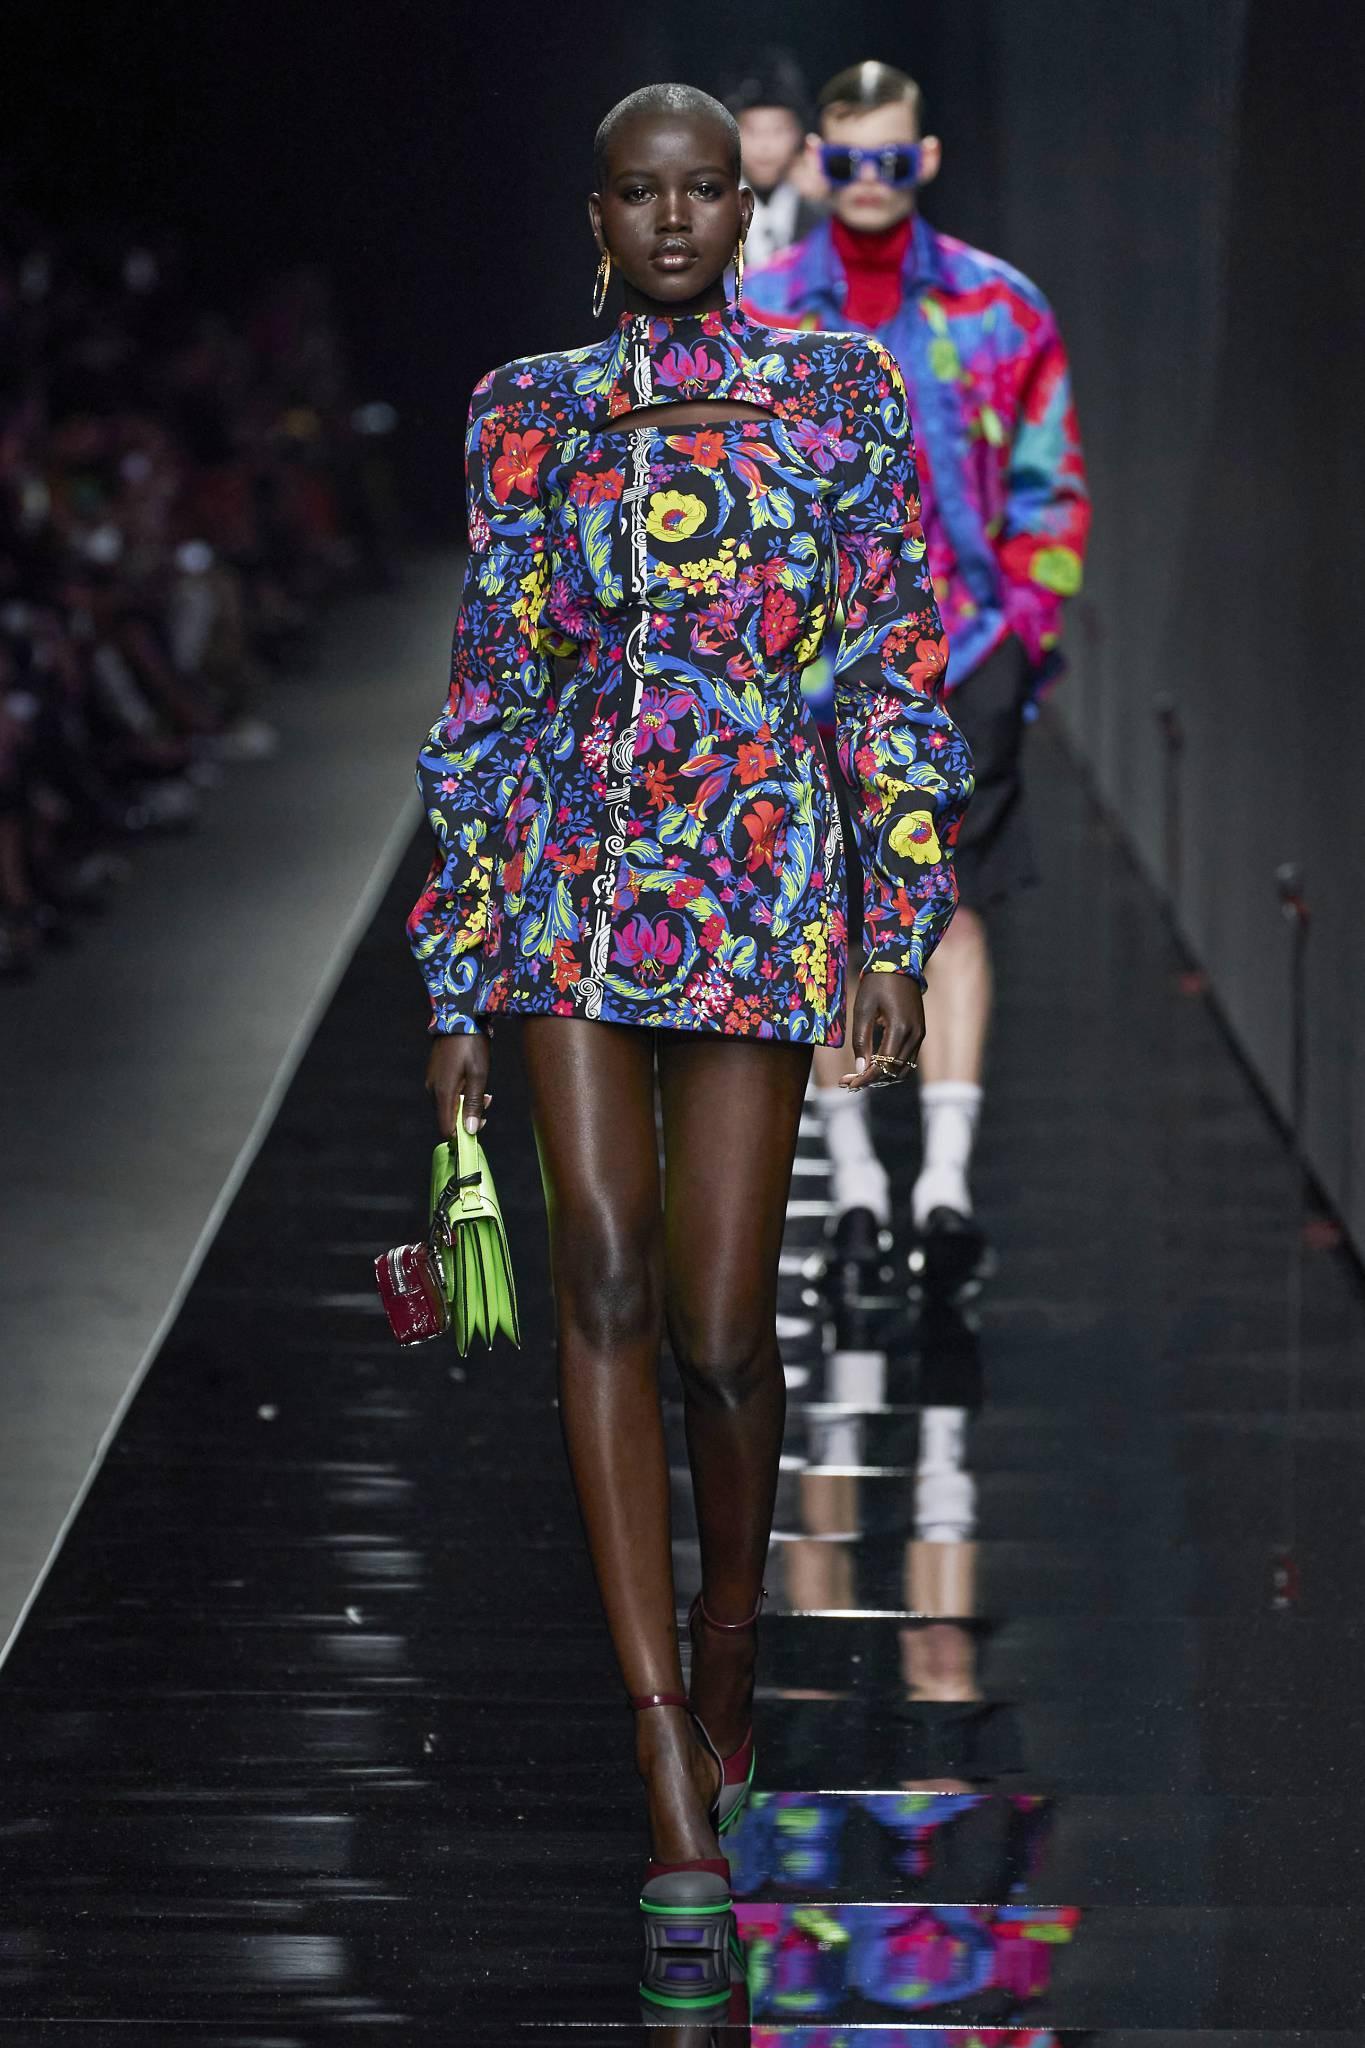 Gianni Versace - od pomocnika krawcowej do legendy mody